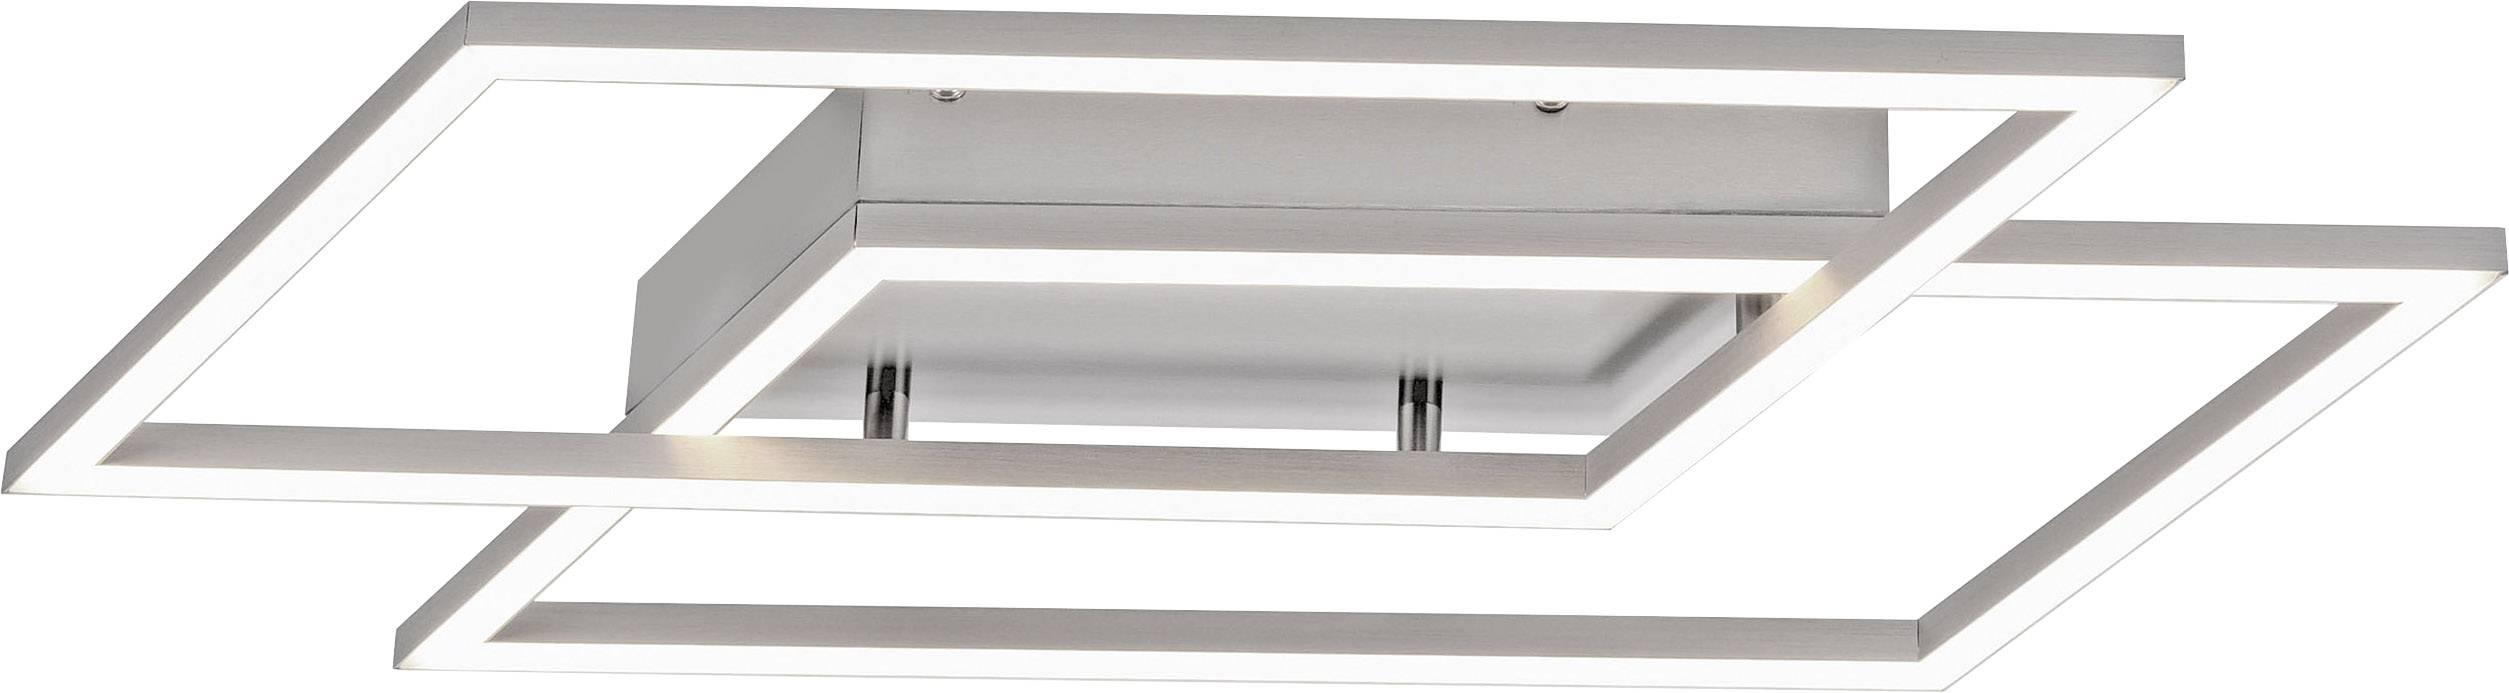 Paul Neuhaus INIGO 8192 55 LED Deckenleuchte Edelstahl 24 W Dimmbar über Lichtschalter, Memory Funktion